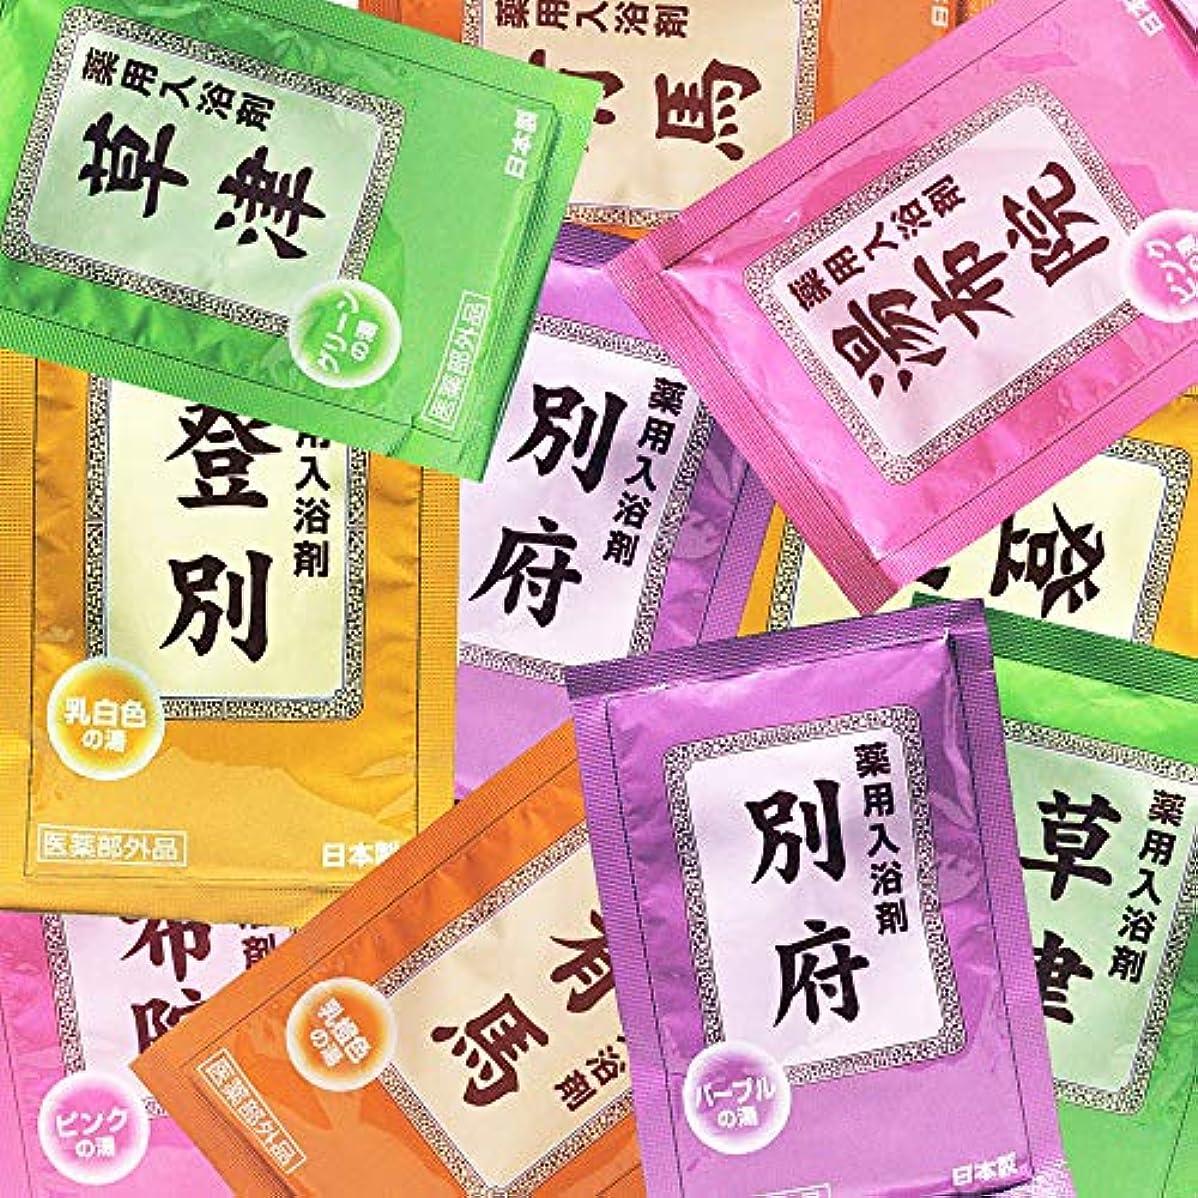 ばかげているツールトリップ薬用入浴剤 湯宿めぐり 25g×10包